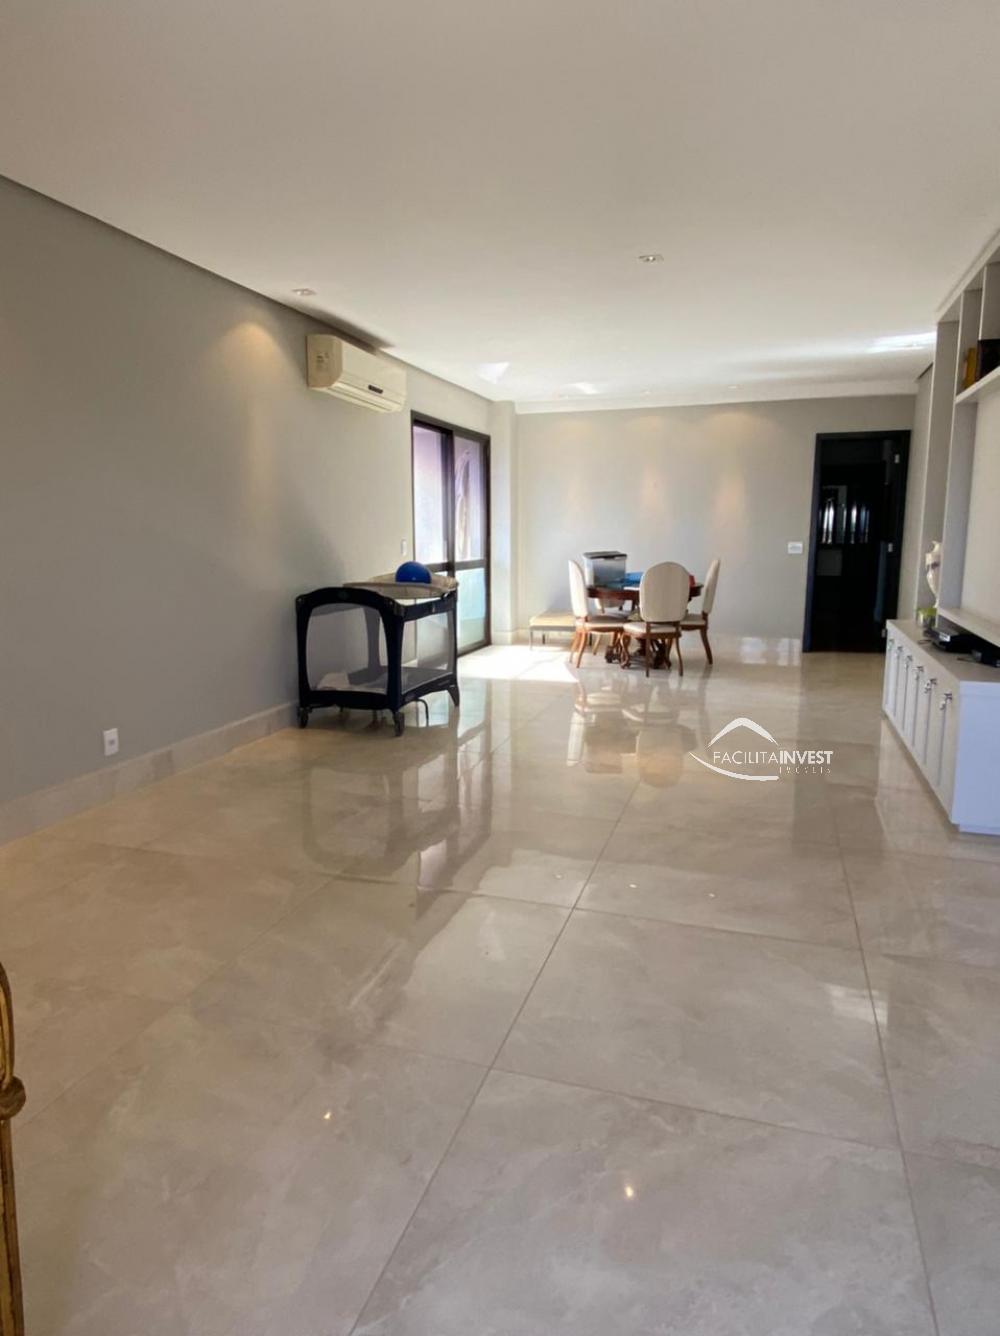 Comprar Apartamentos / Apart. Padrão em Ribeirão Preto R$ 1.400.000,00 - Foto 5